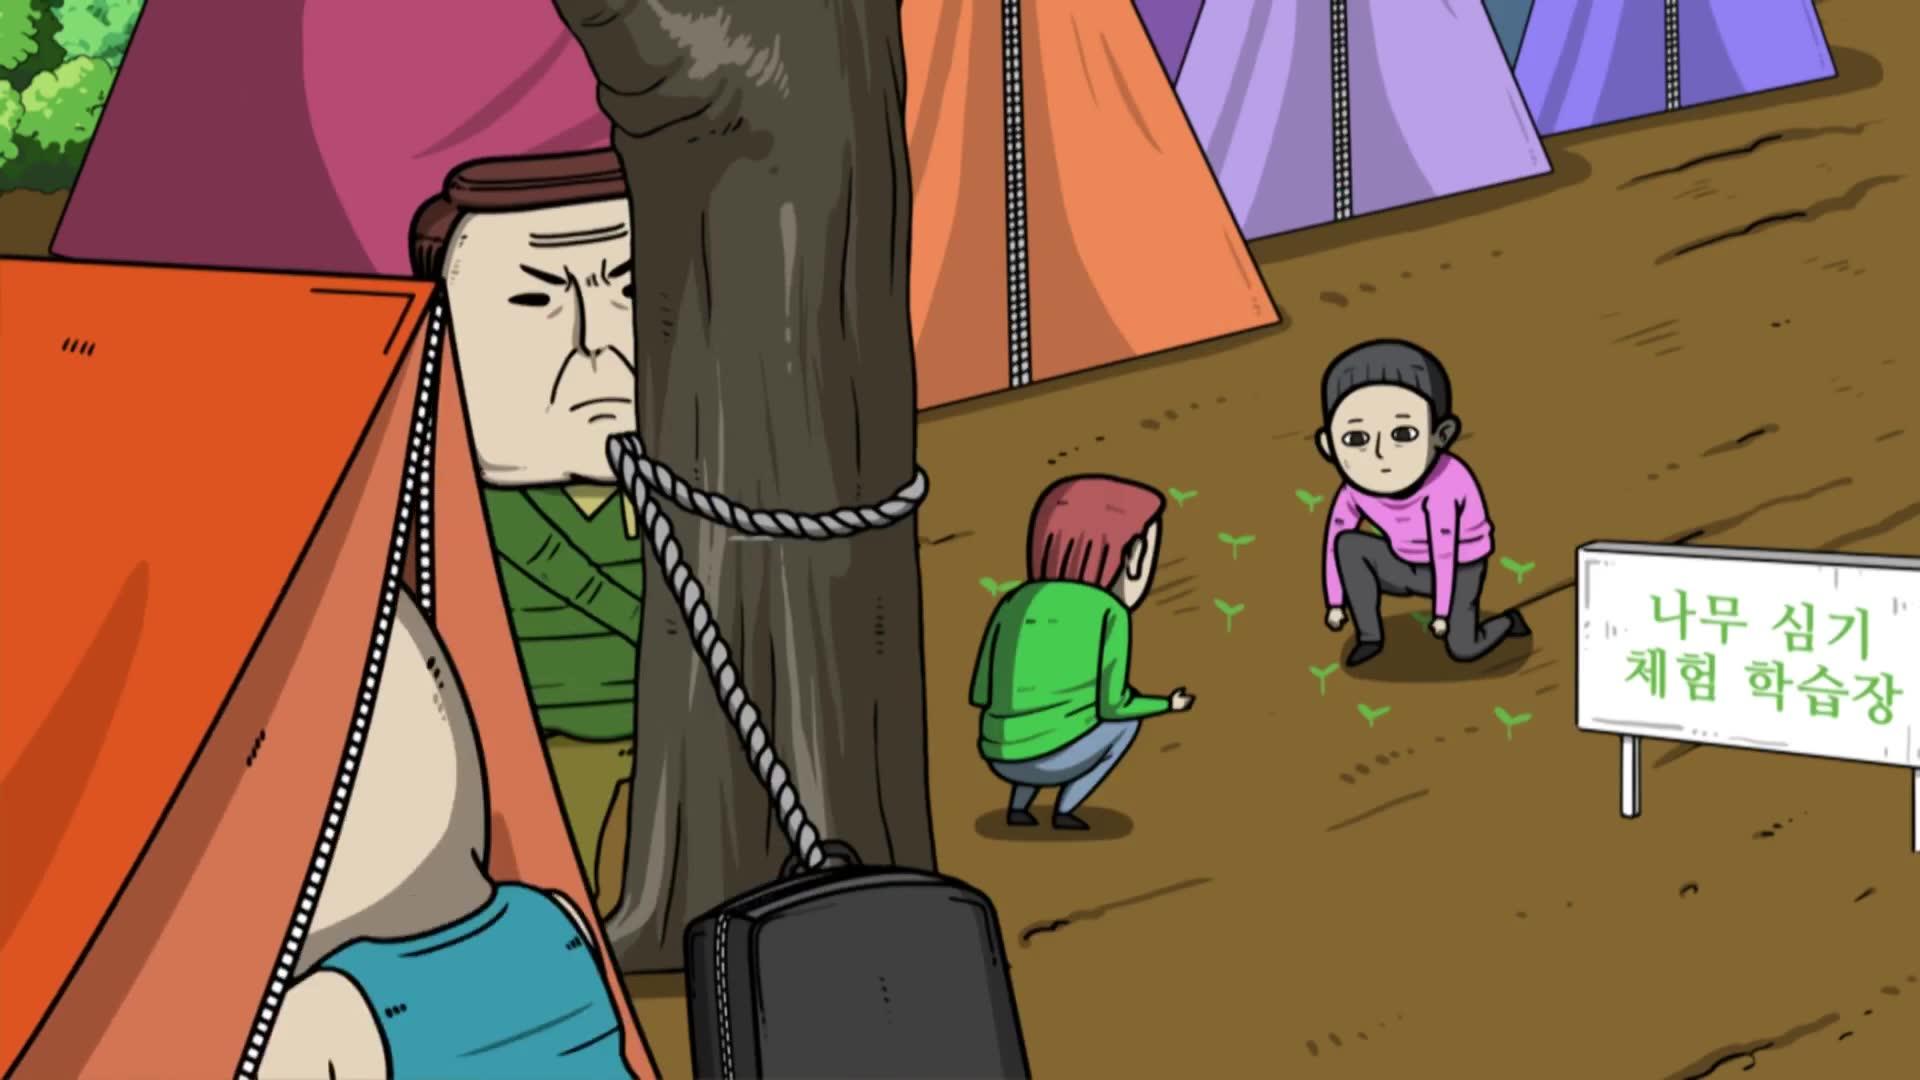 9화 캠핑 부자